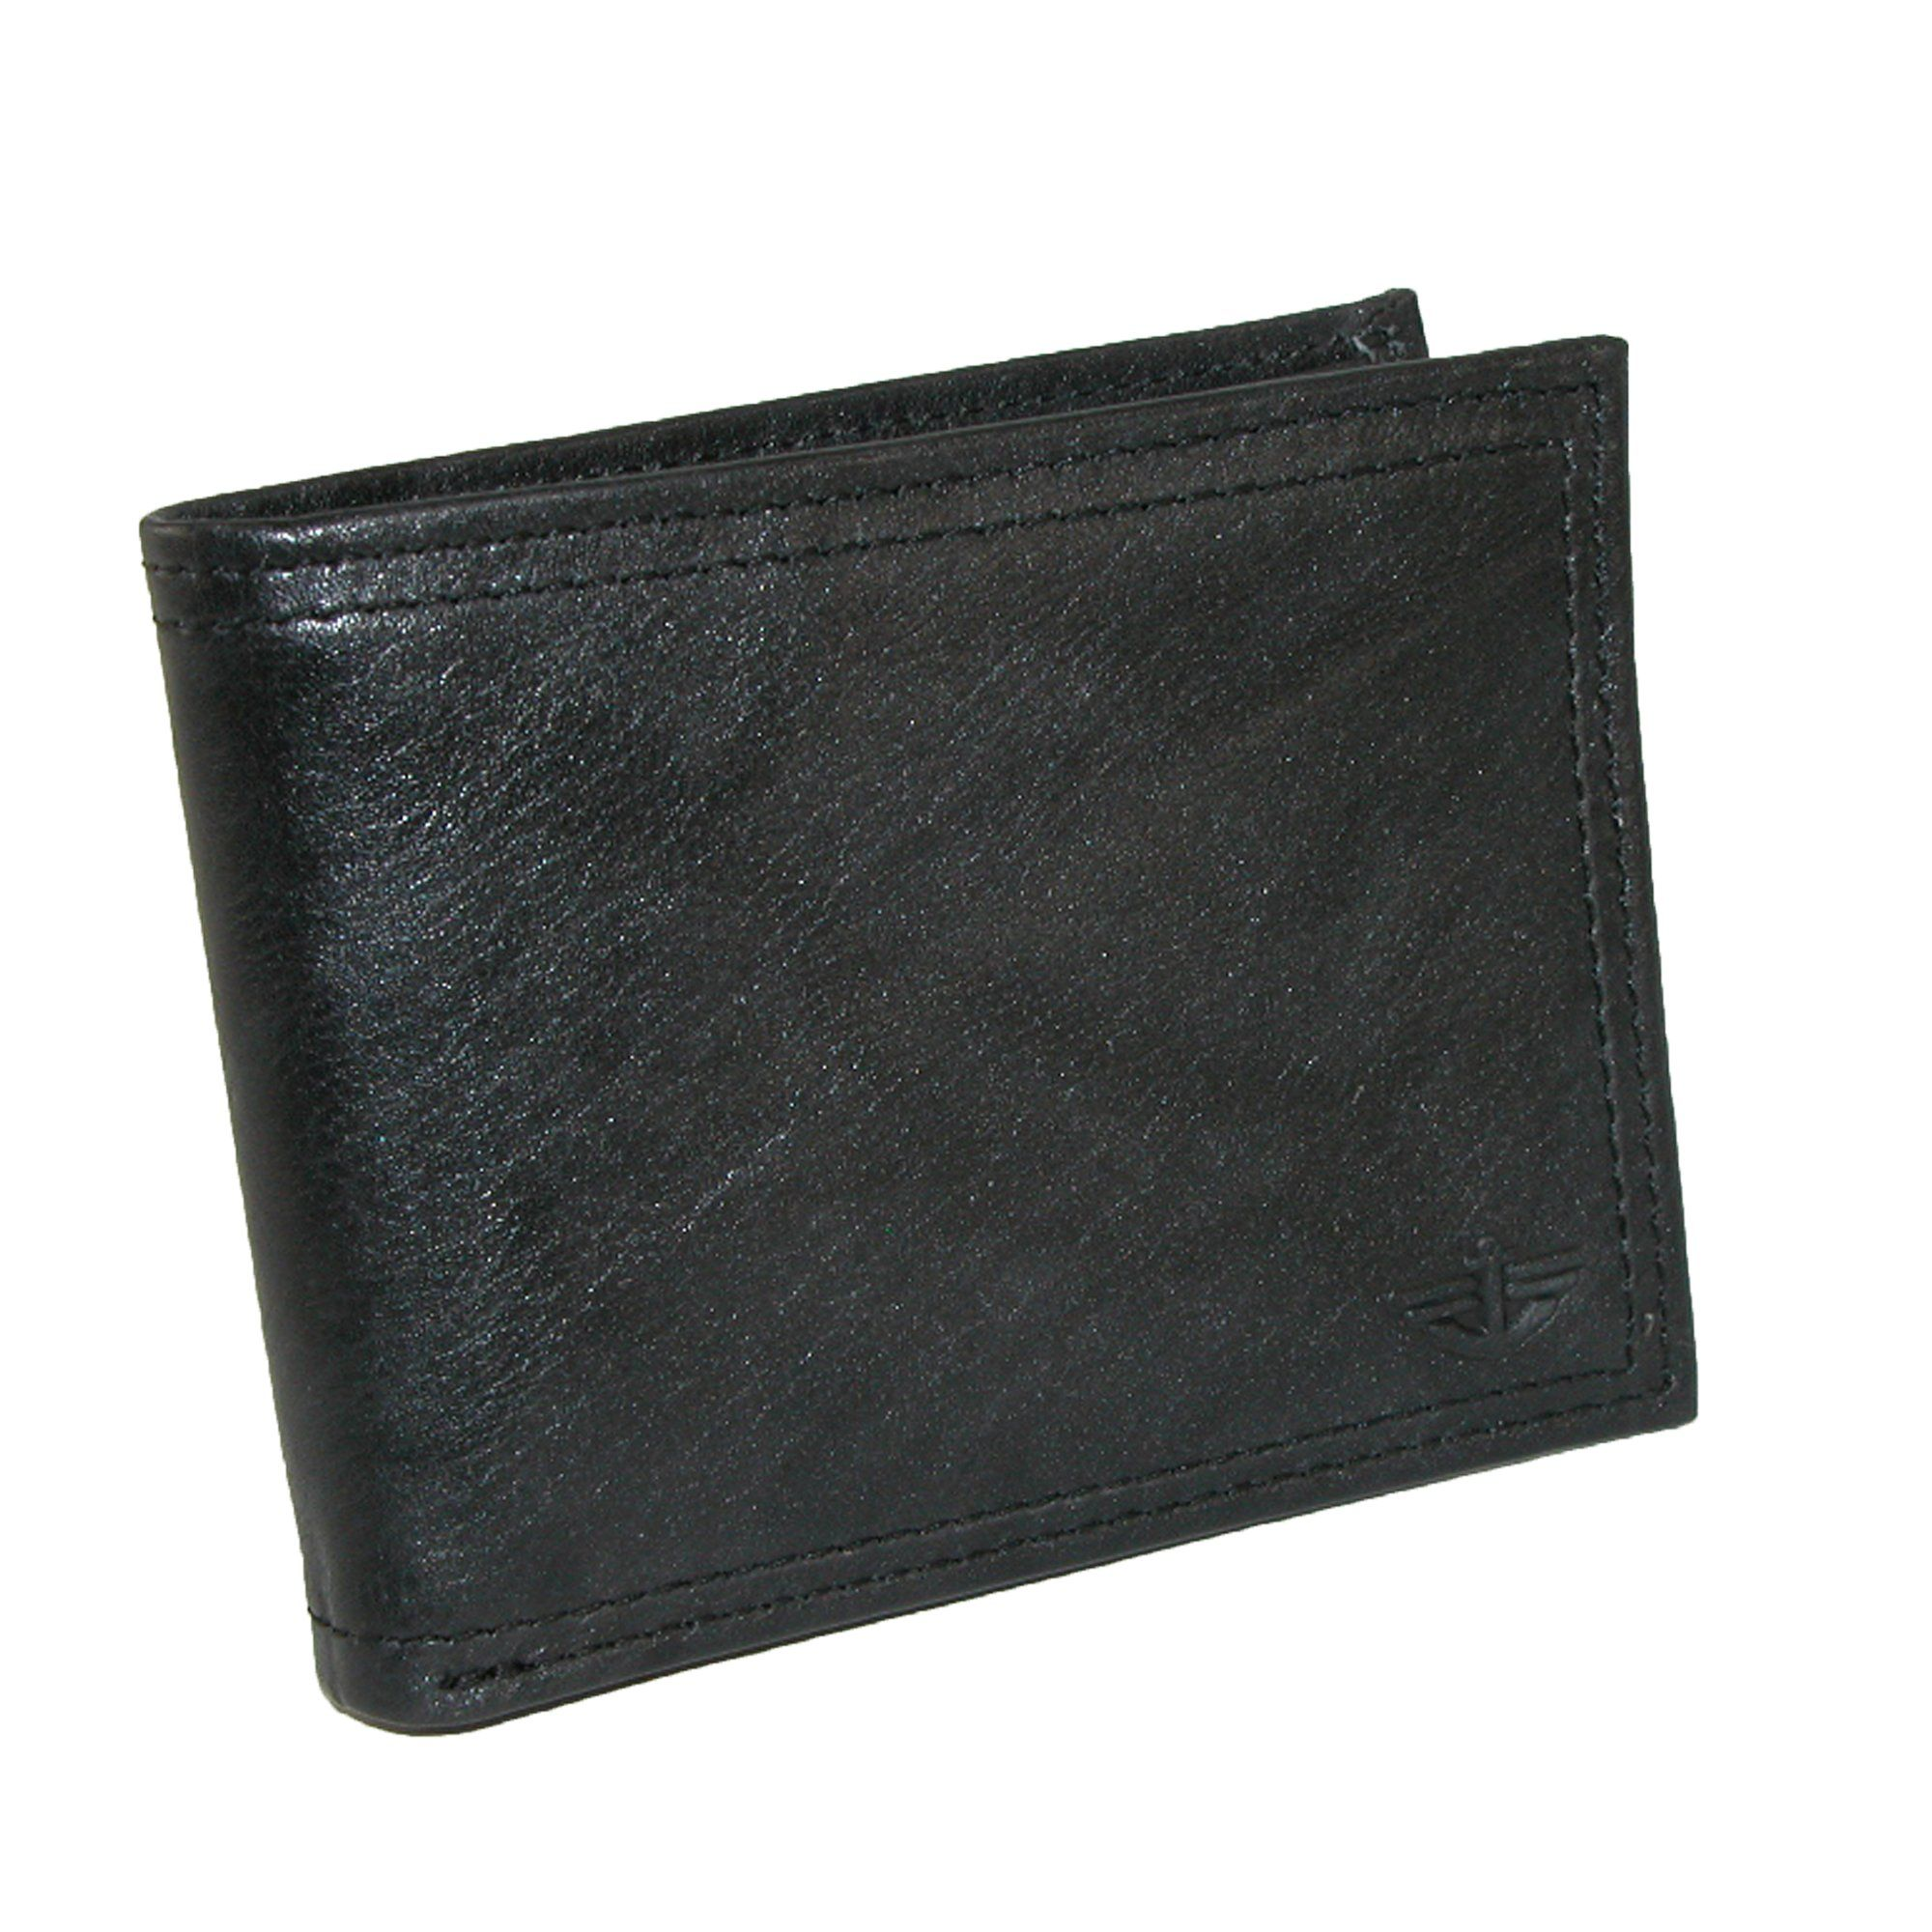 Dockers Men's Leather Pocketmate Billfold Wallet